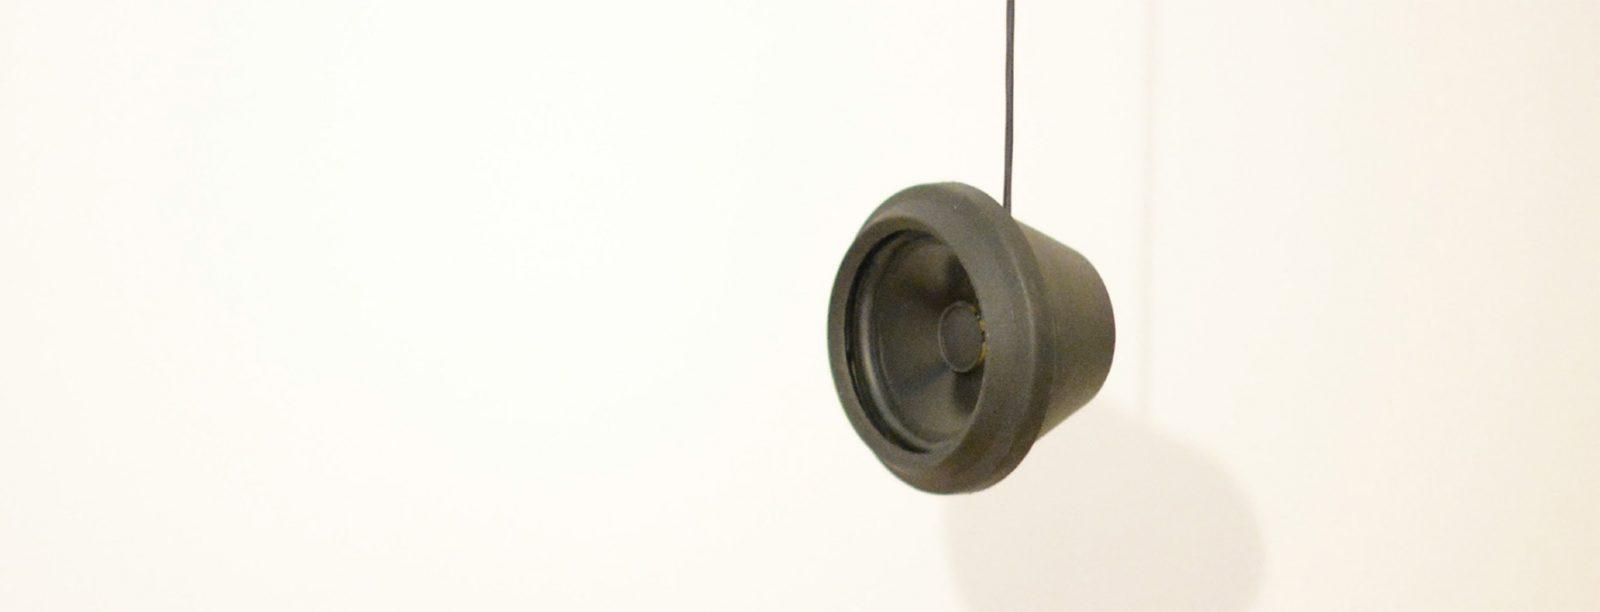 NÖ Waldviertel Galerie Kunst - Jakob Schauer